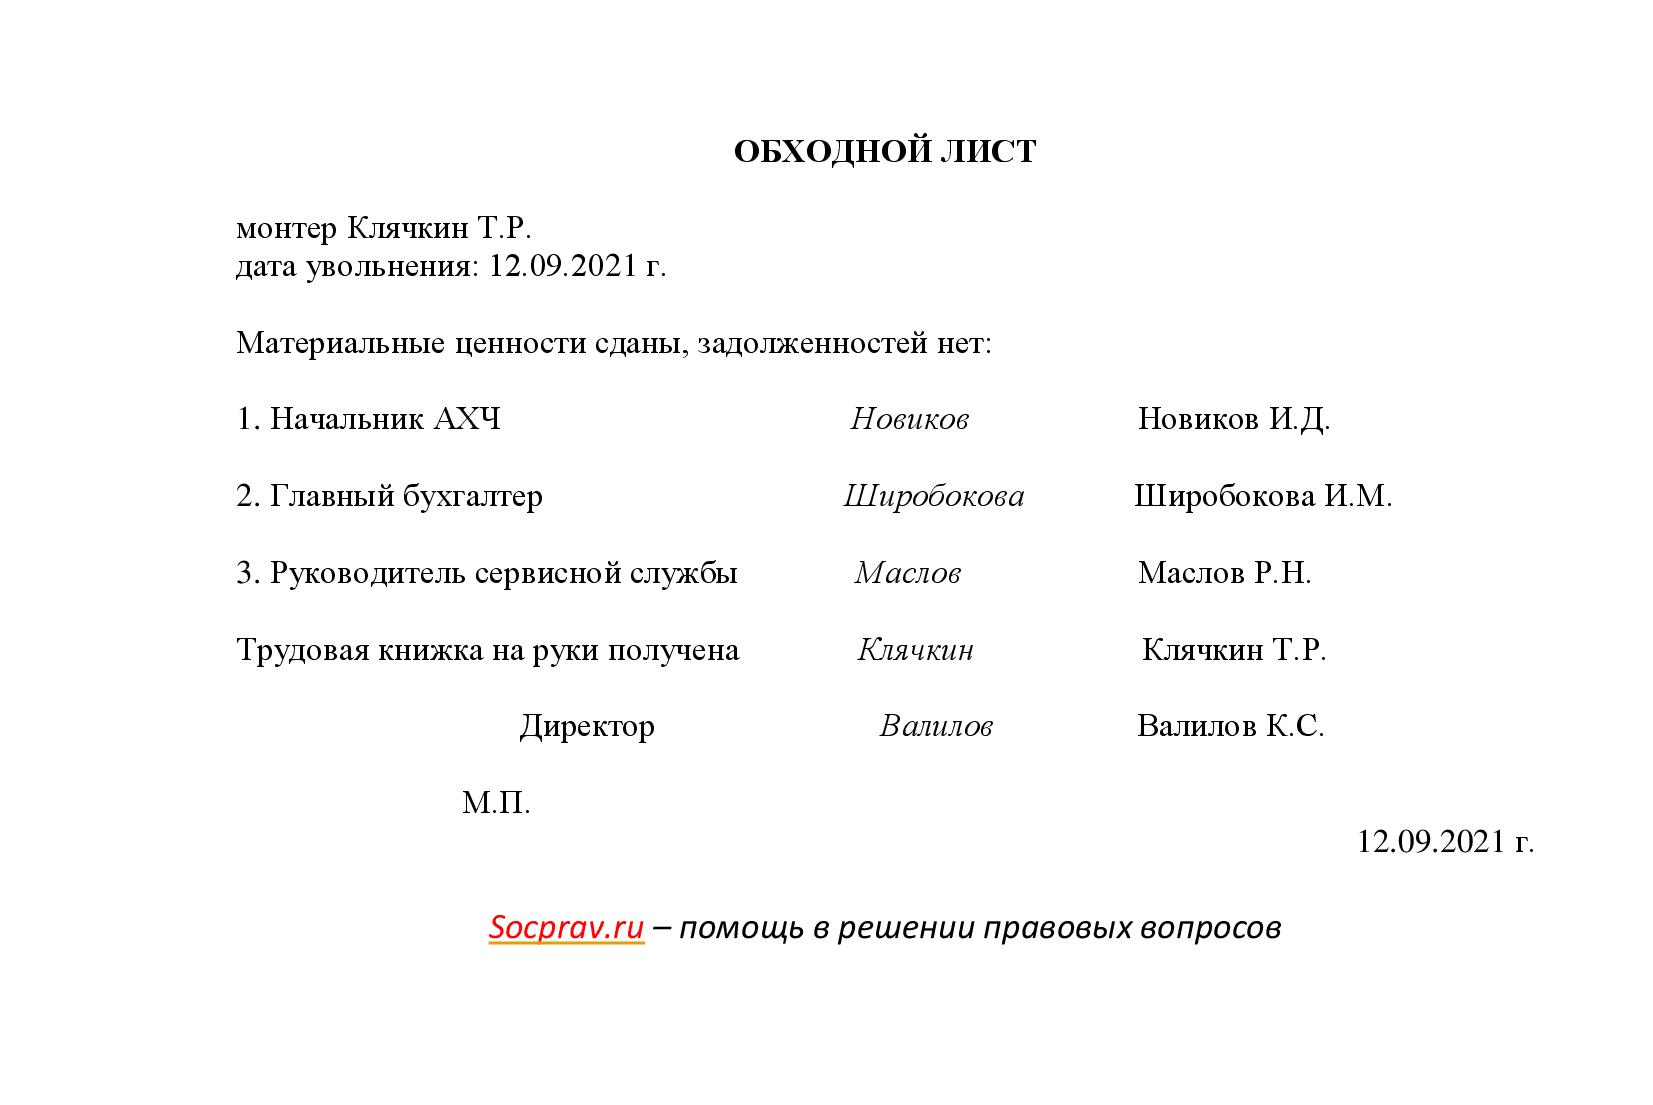 Обходной лист при увольнении